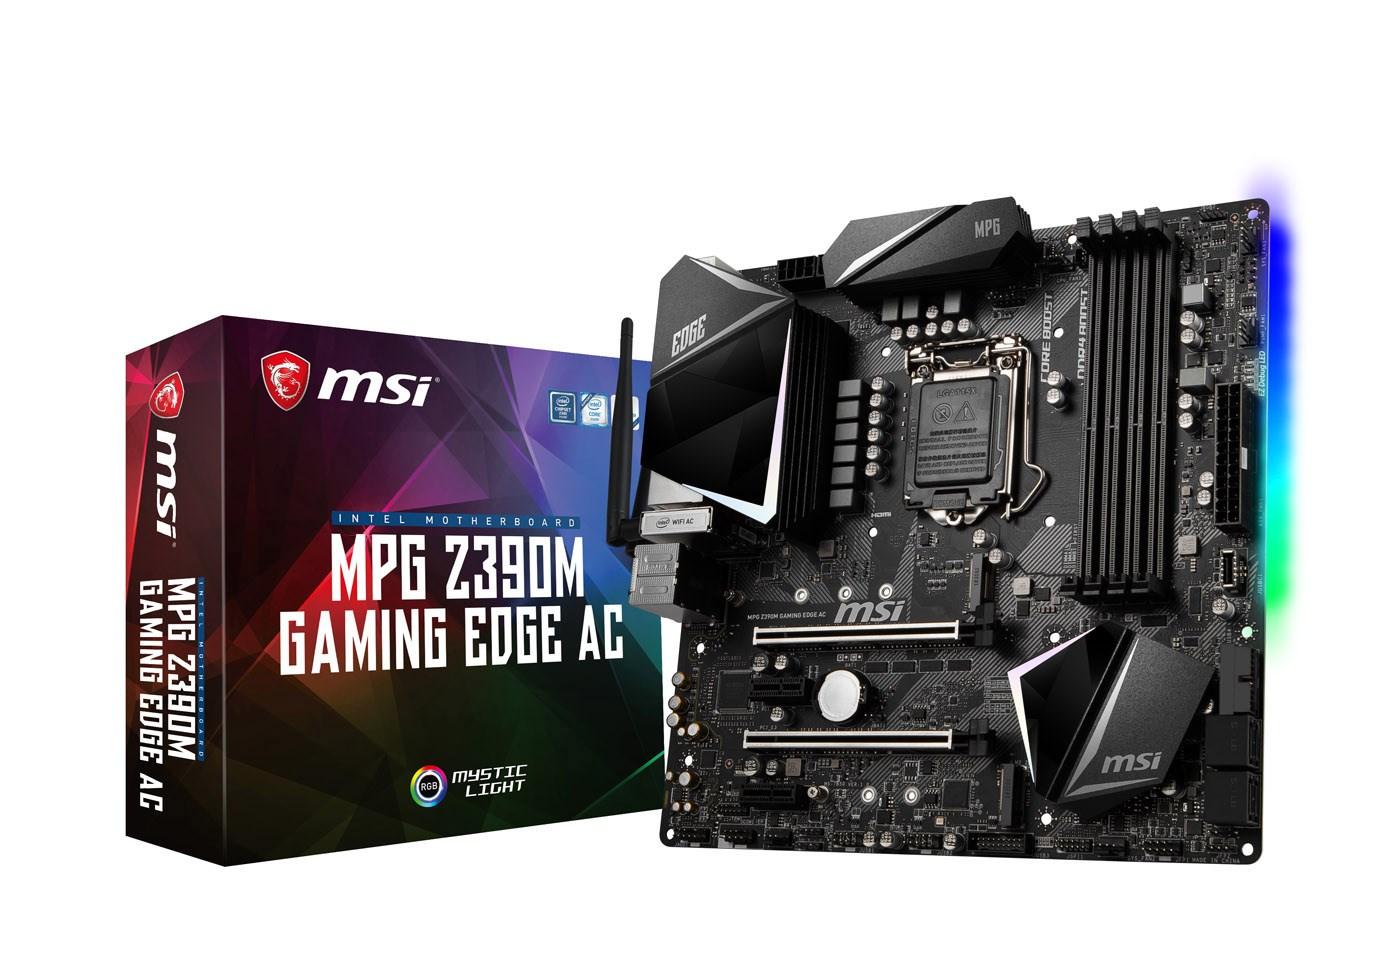 MSI MPG Z390M GAMING EDGE AC mATX Motherboard for Intel LGA1151